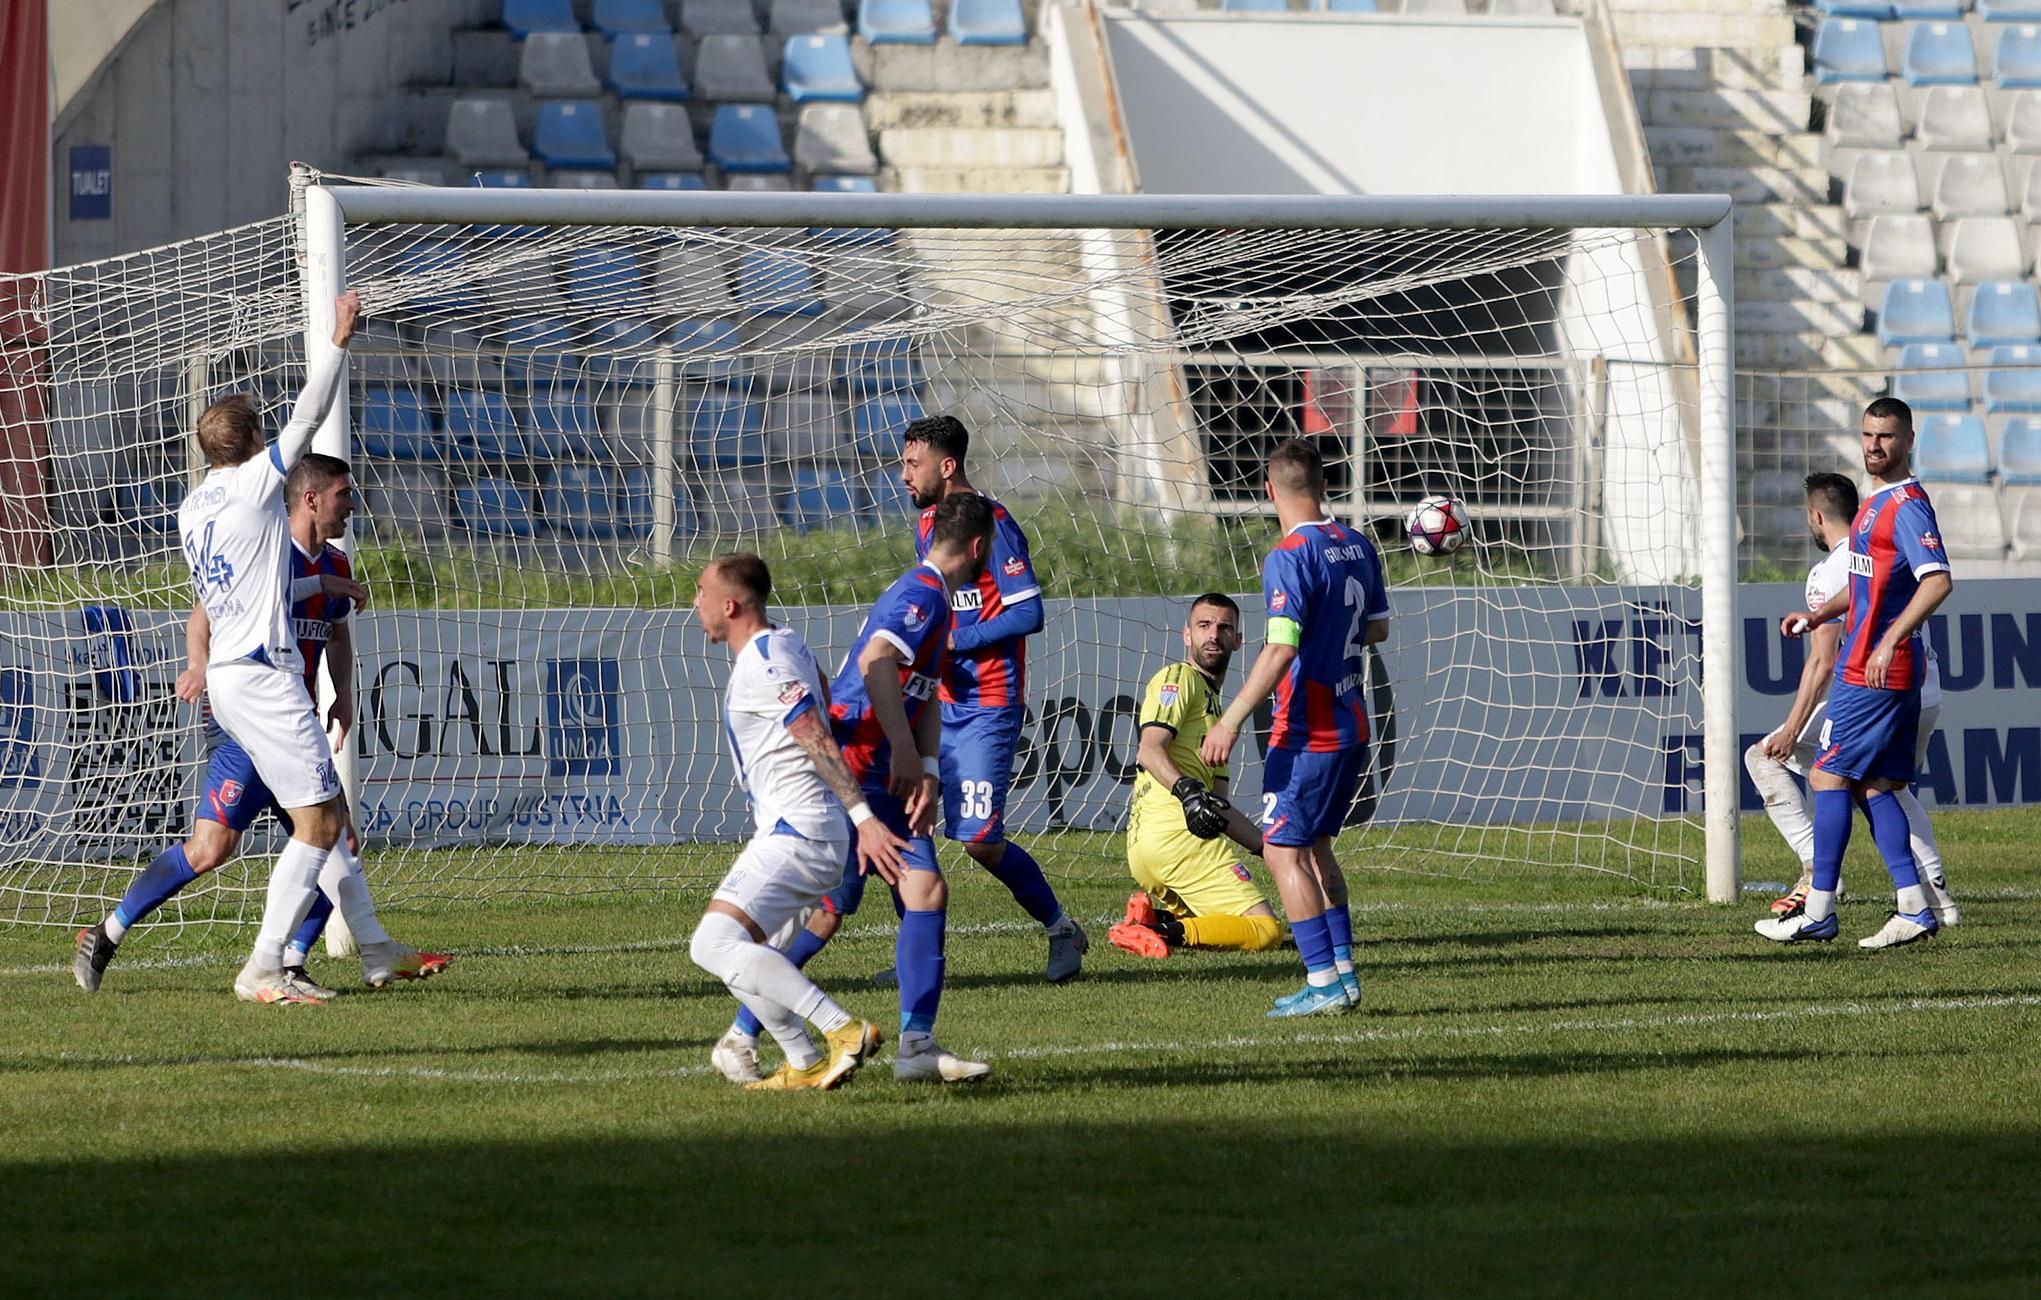 Idriz Batha përjashtimi i madh, FSHF analizon goleadorët e Superiores